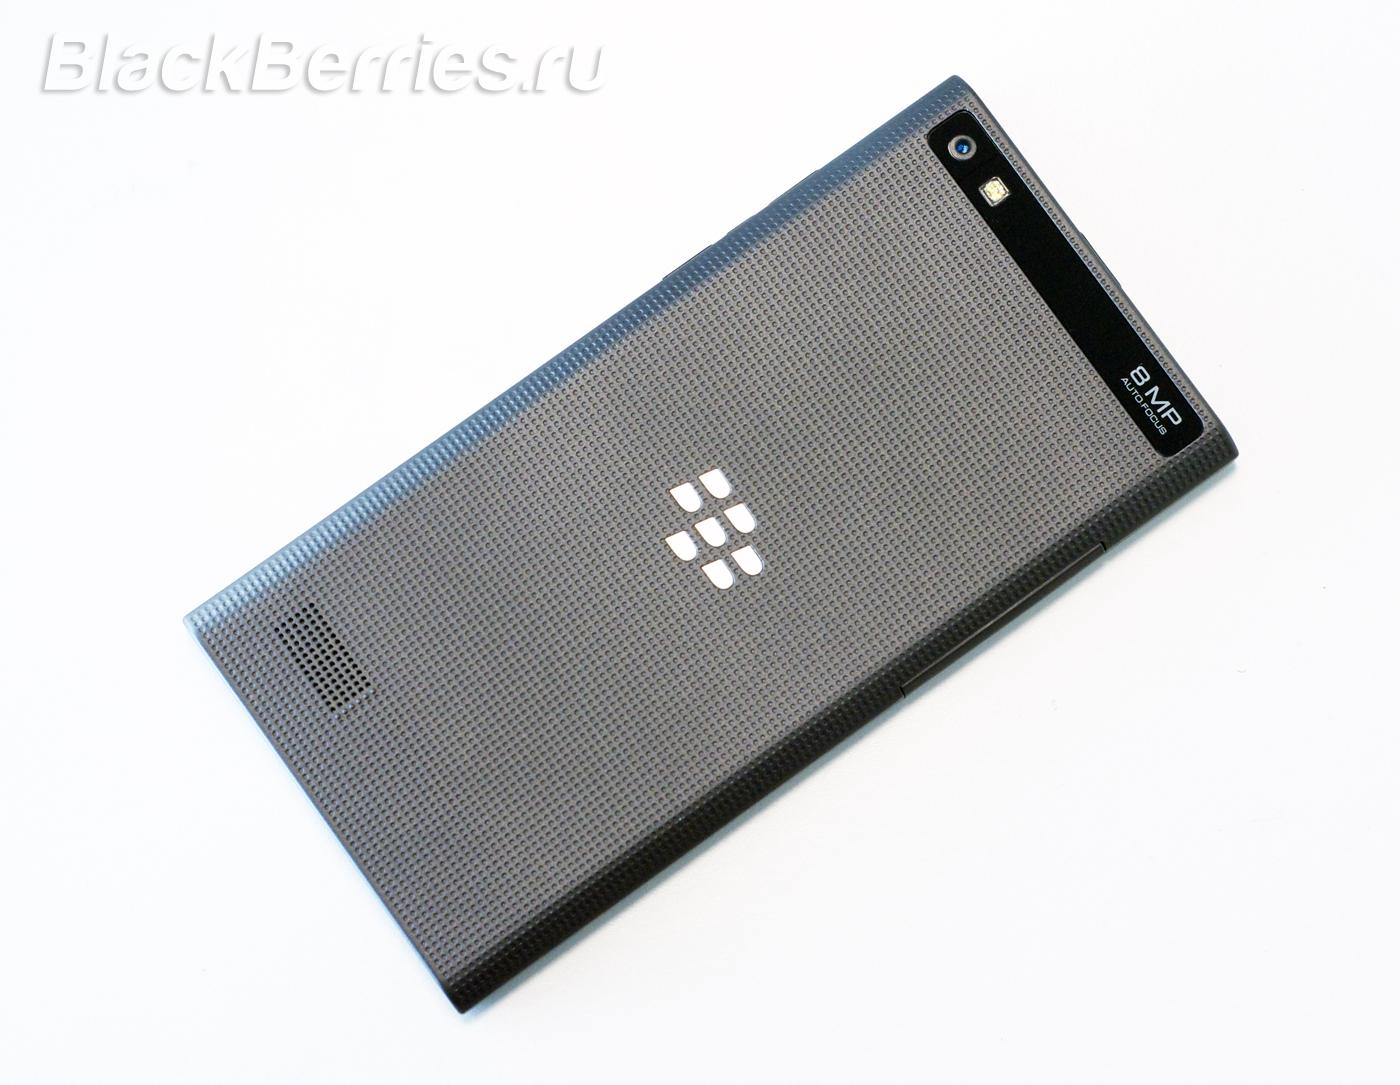 BlackBerry-Leap-5